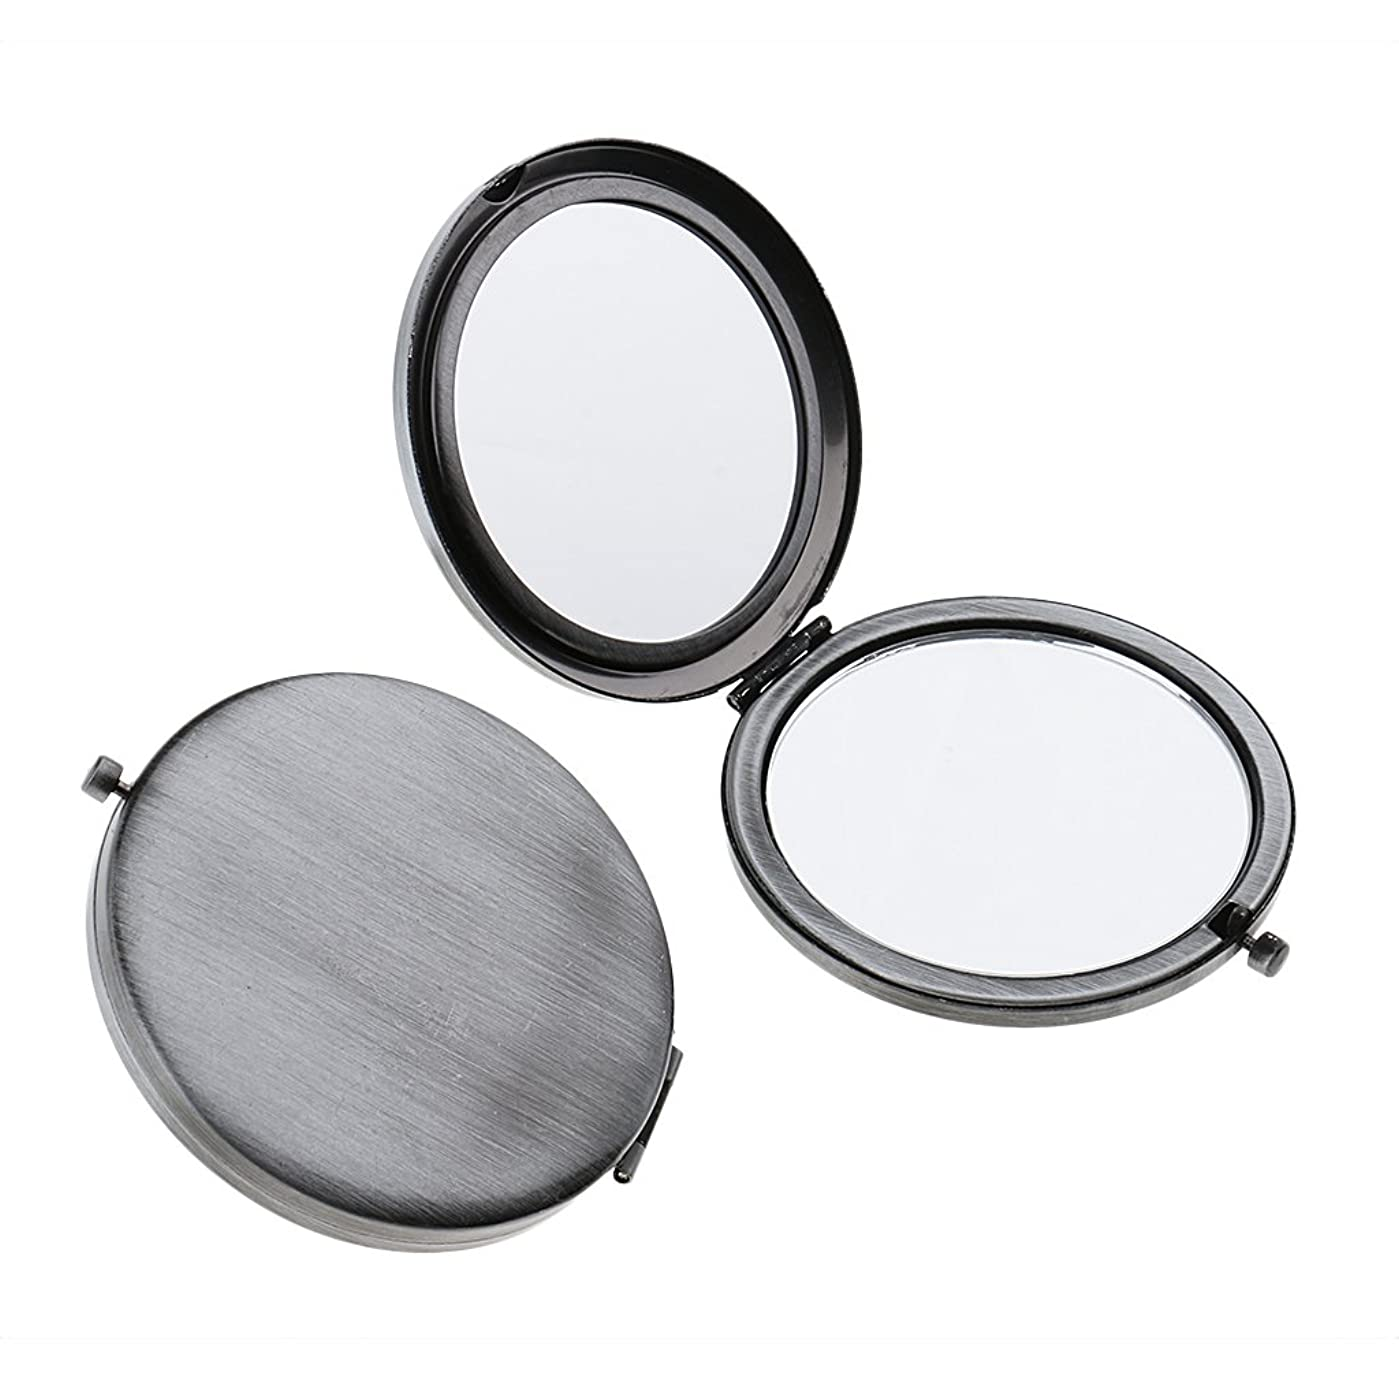 ロケーションテキストばかげているT TOOYFUL ミニ手鏡 両面コンパクトミラー ステンレス 折りたたみ式 ハンドミラー 携帯ミラー 2個入り - クラシックシルバー